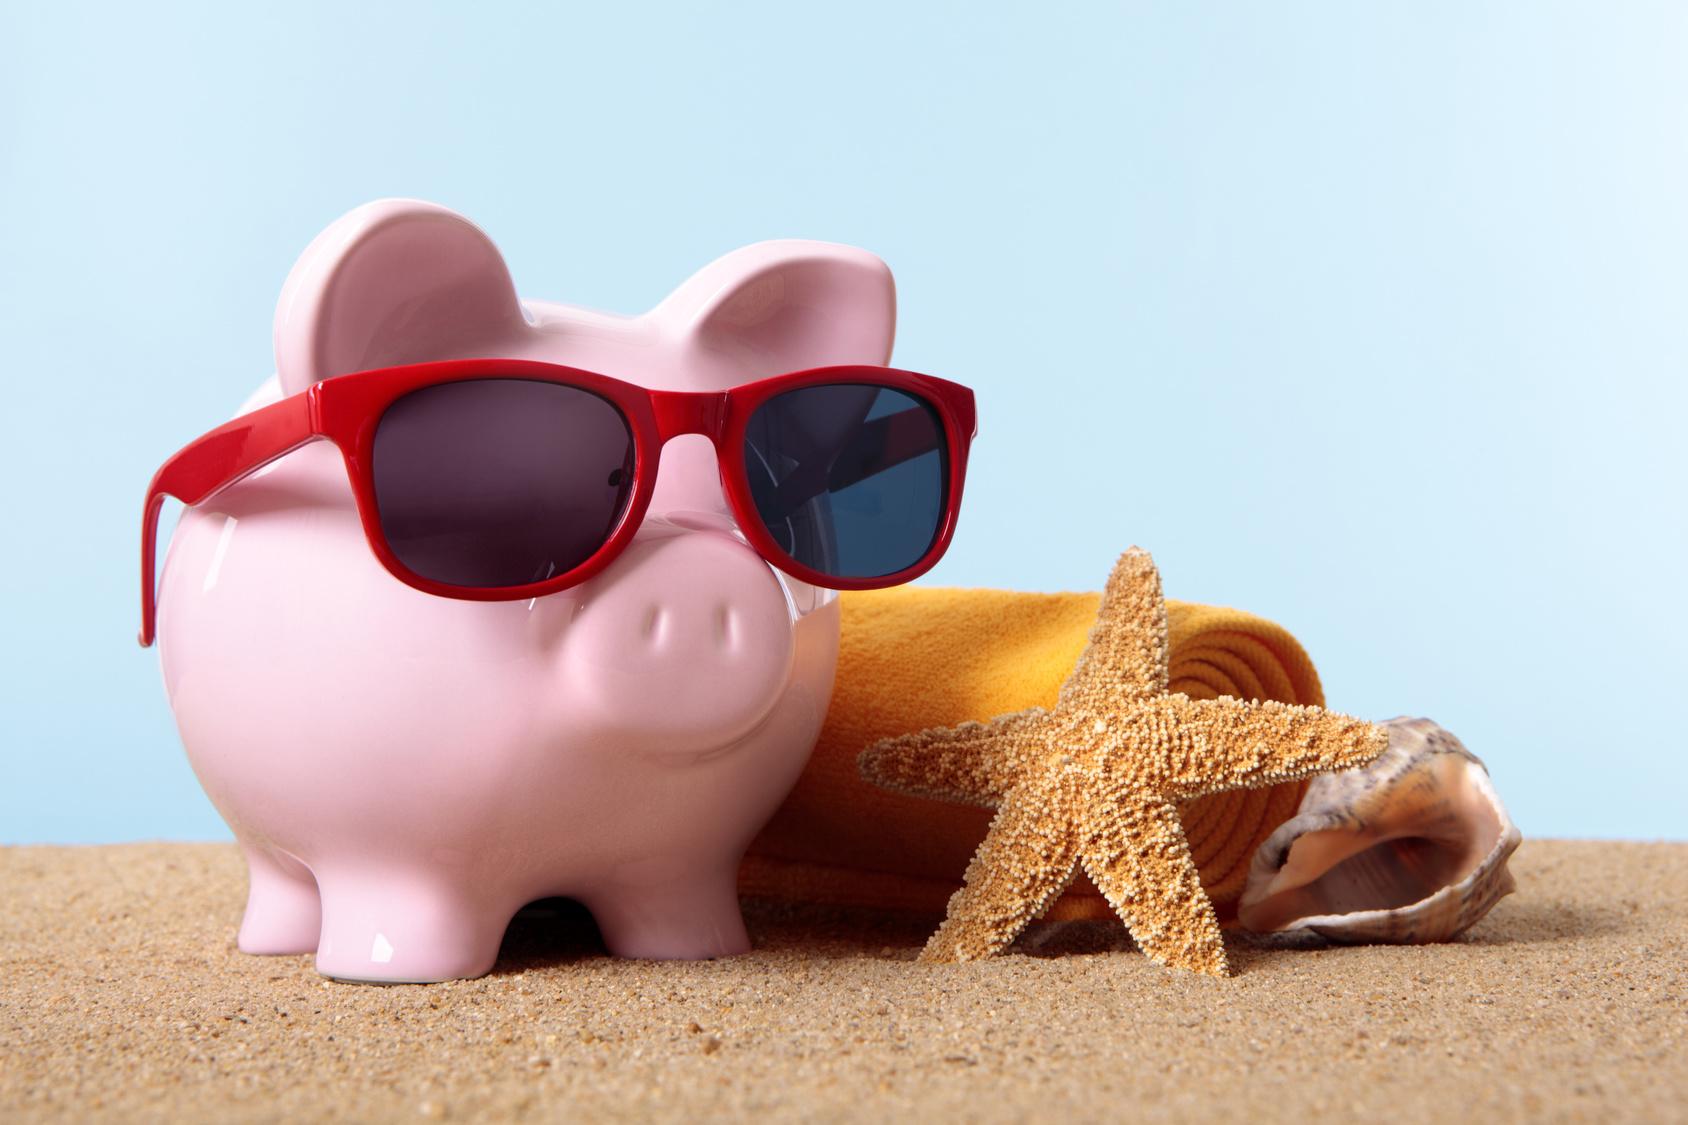 ¿Vacaciones? ¡Cuidado con cómo las financias!